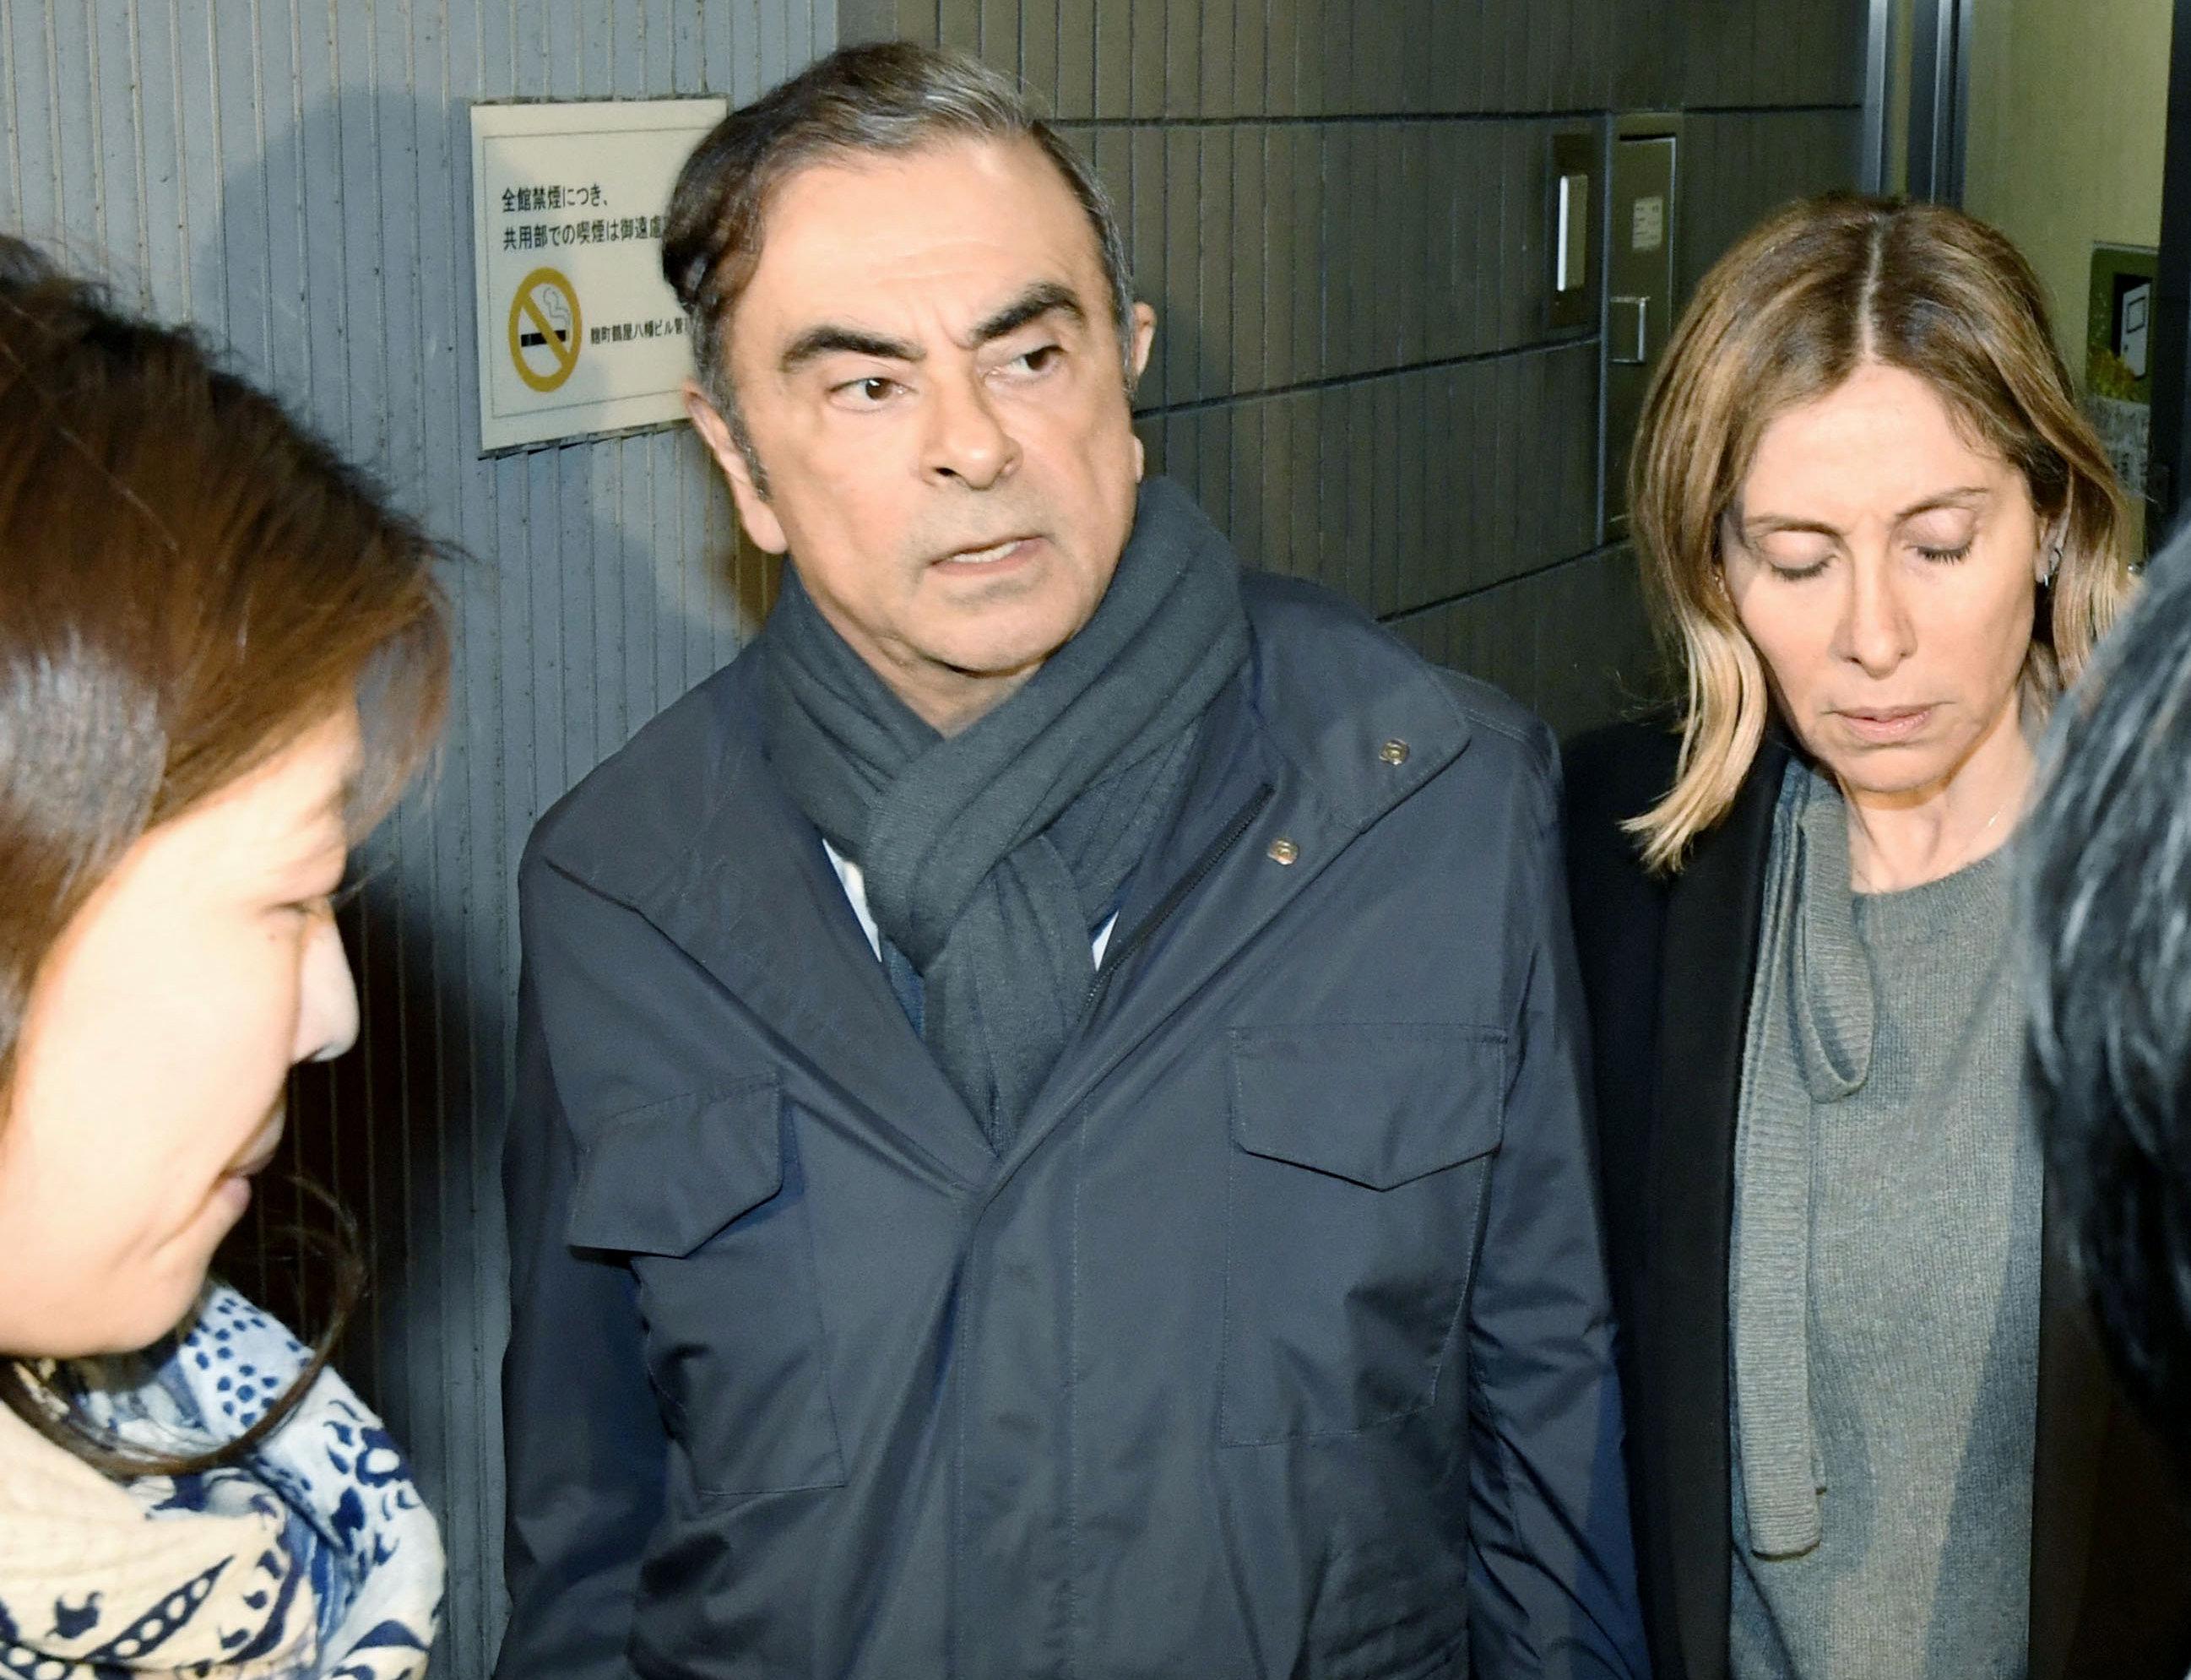 Συνελήφθη για τέταρτη φορά ο πρώην πρόεδρος της Nissan, Κάρλος